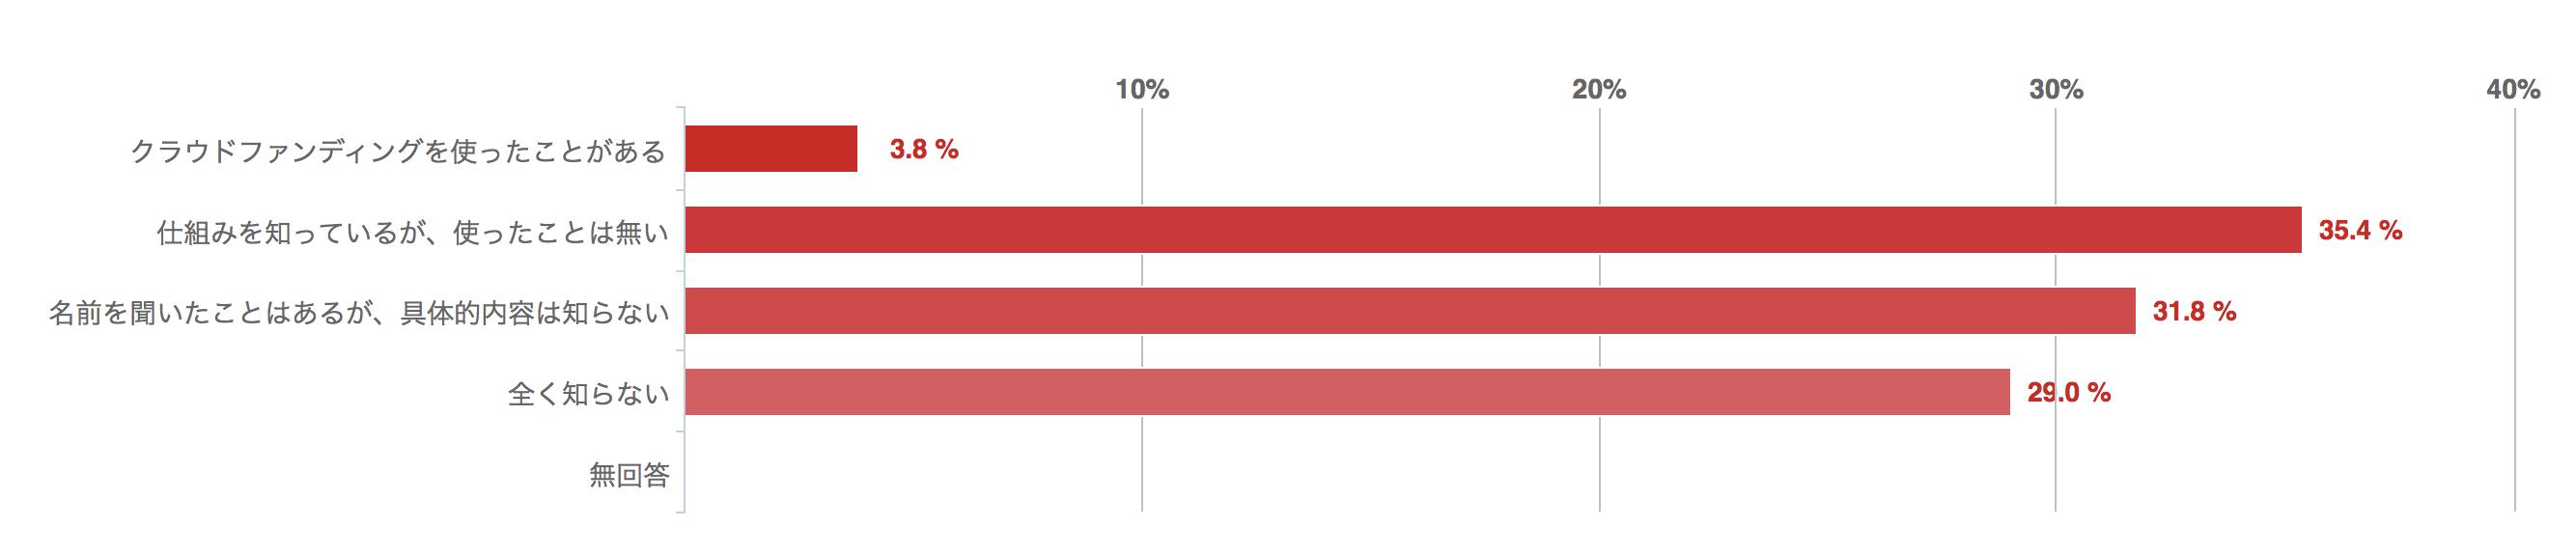 クラウドファンディングを知っているか、回答結果のグラフ